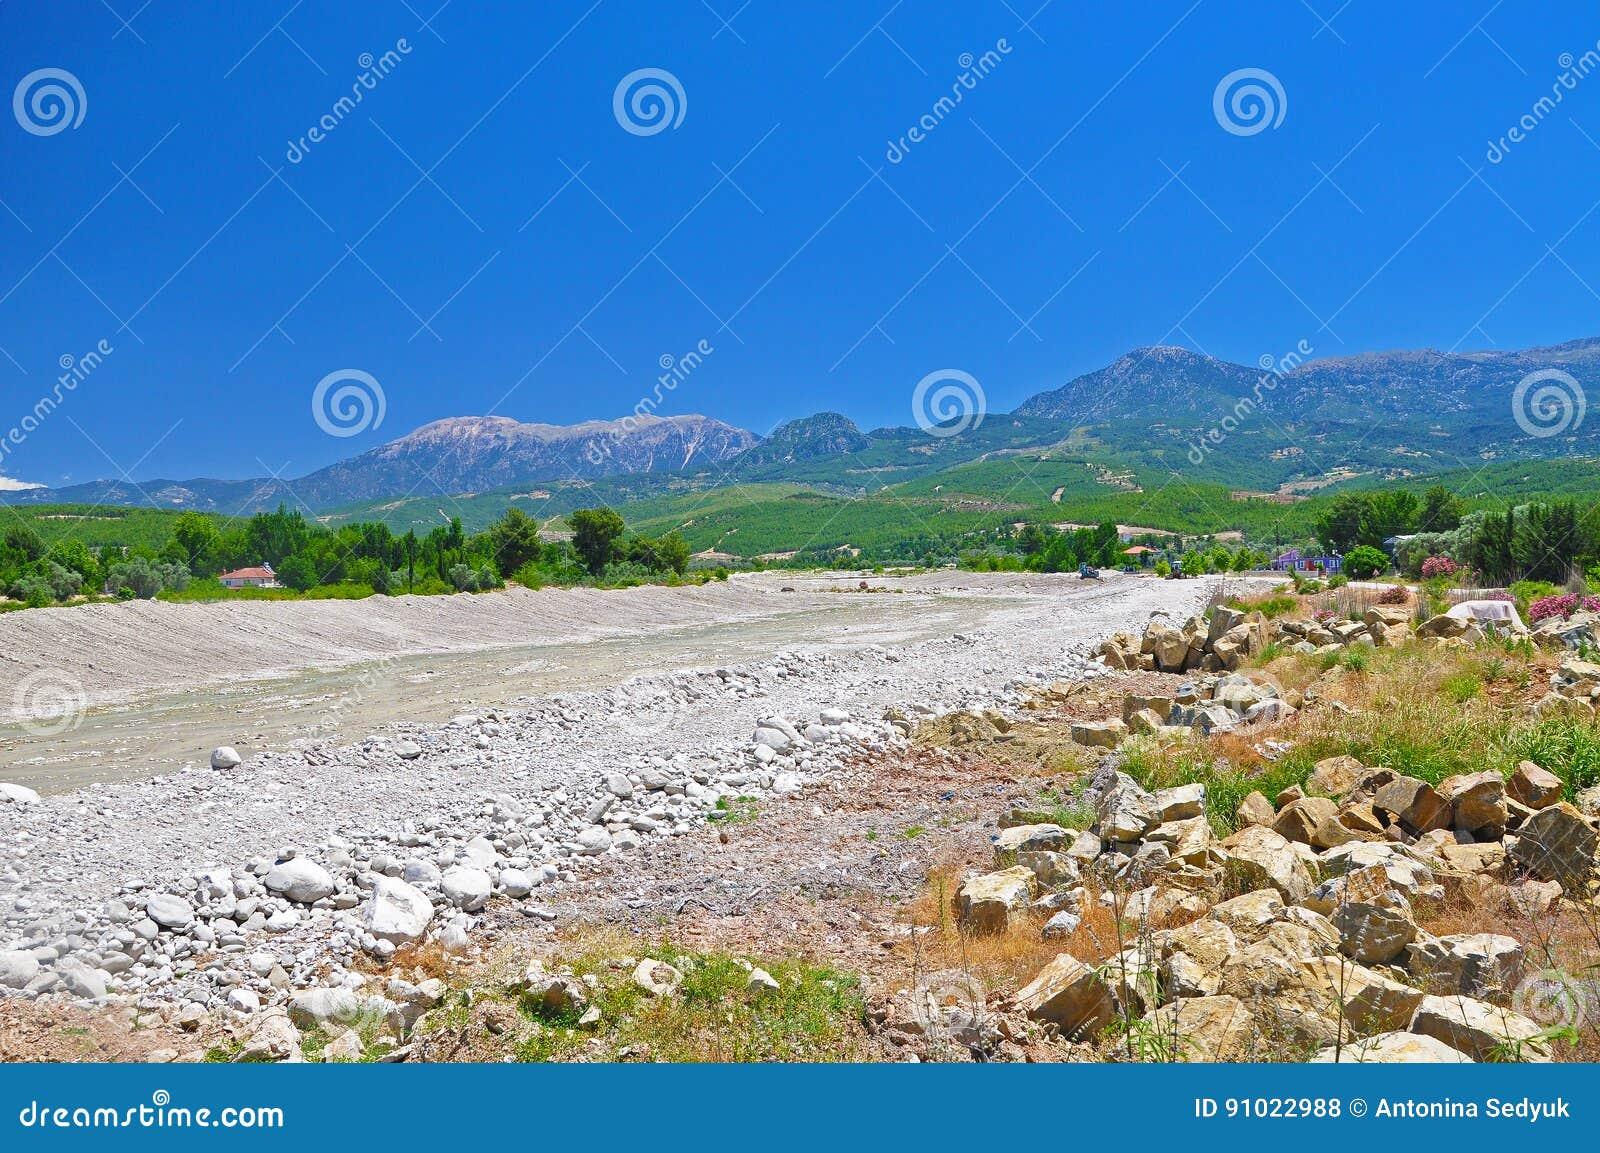 paysage turc le lit sec d 39 une rivi re de montagne photo stock image 91022988. Black Bedroom Furniture Sets. Home Design Ideas